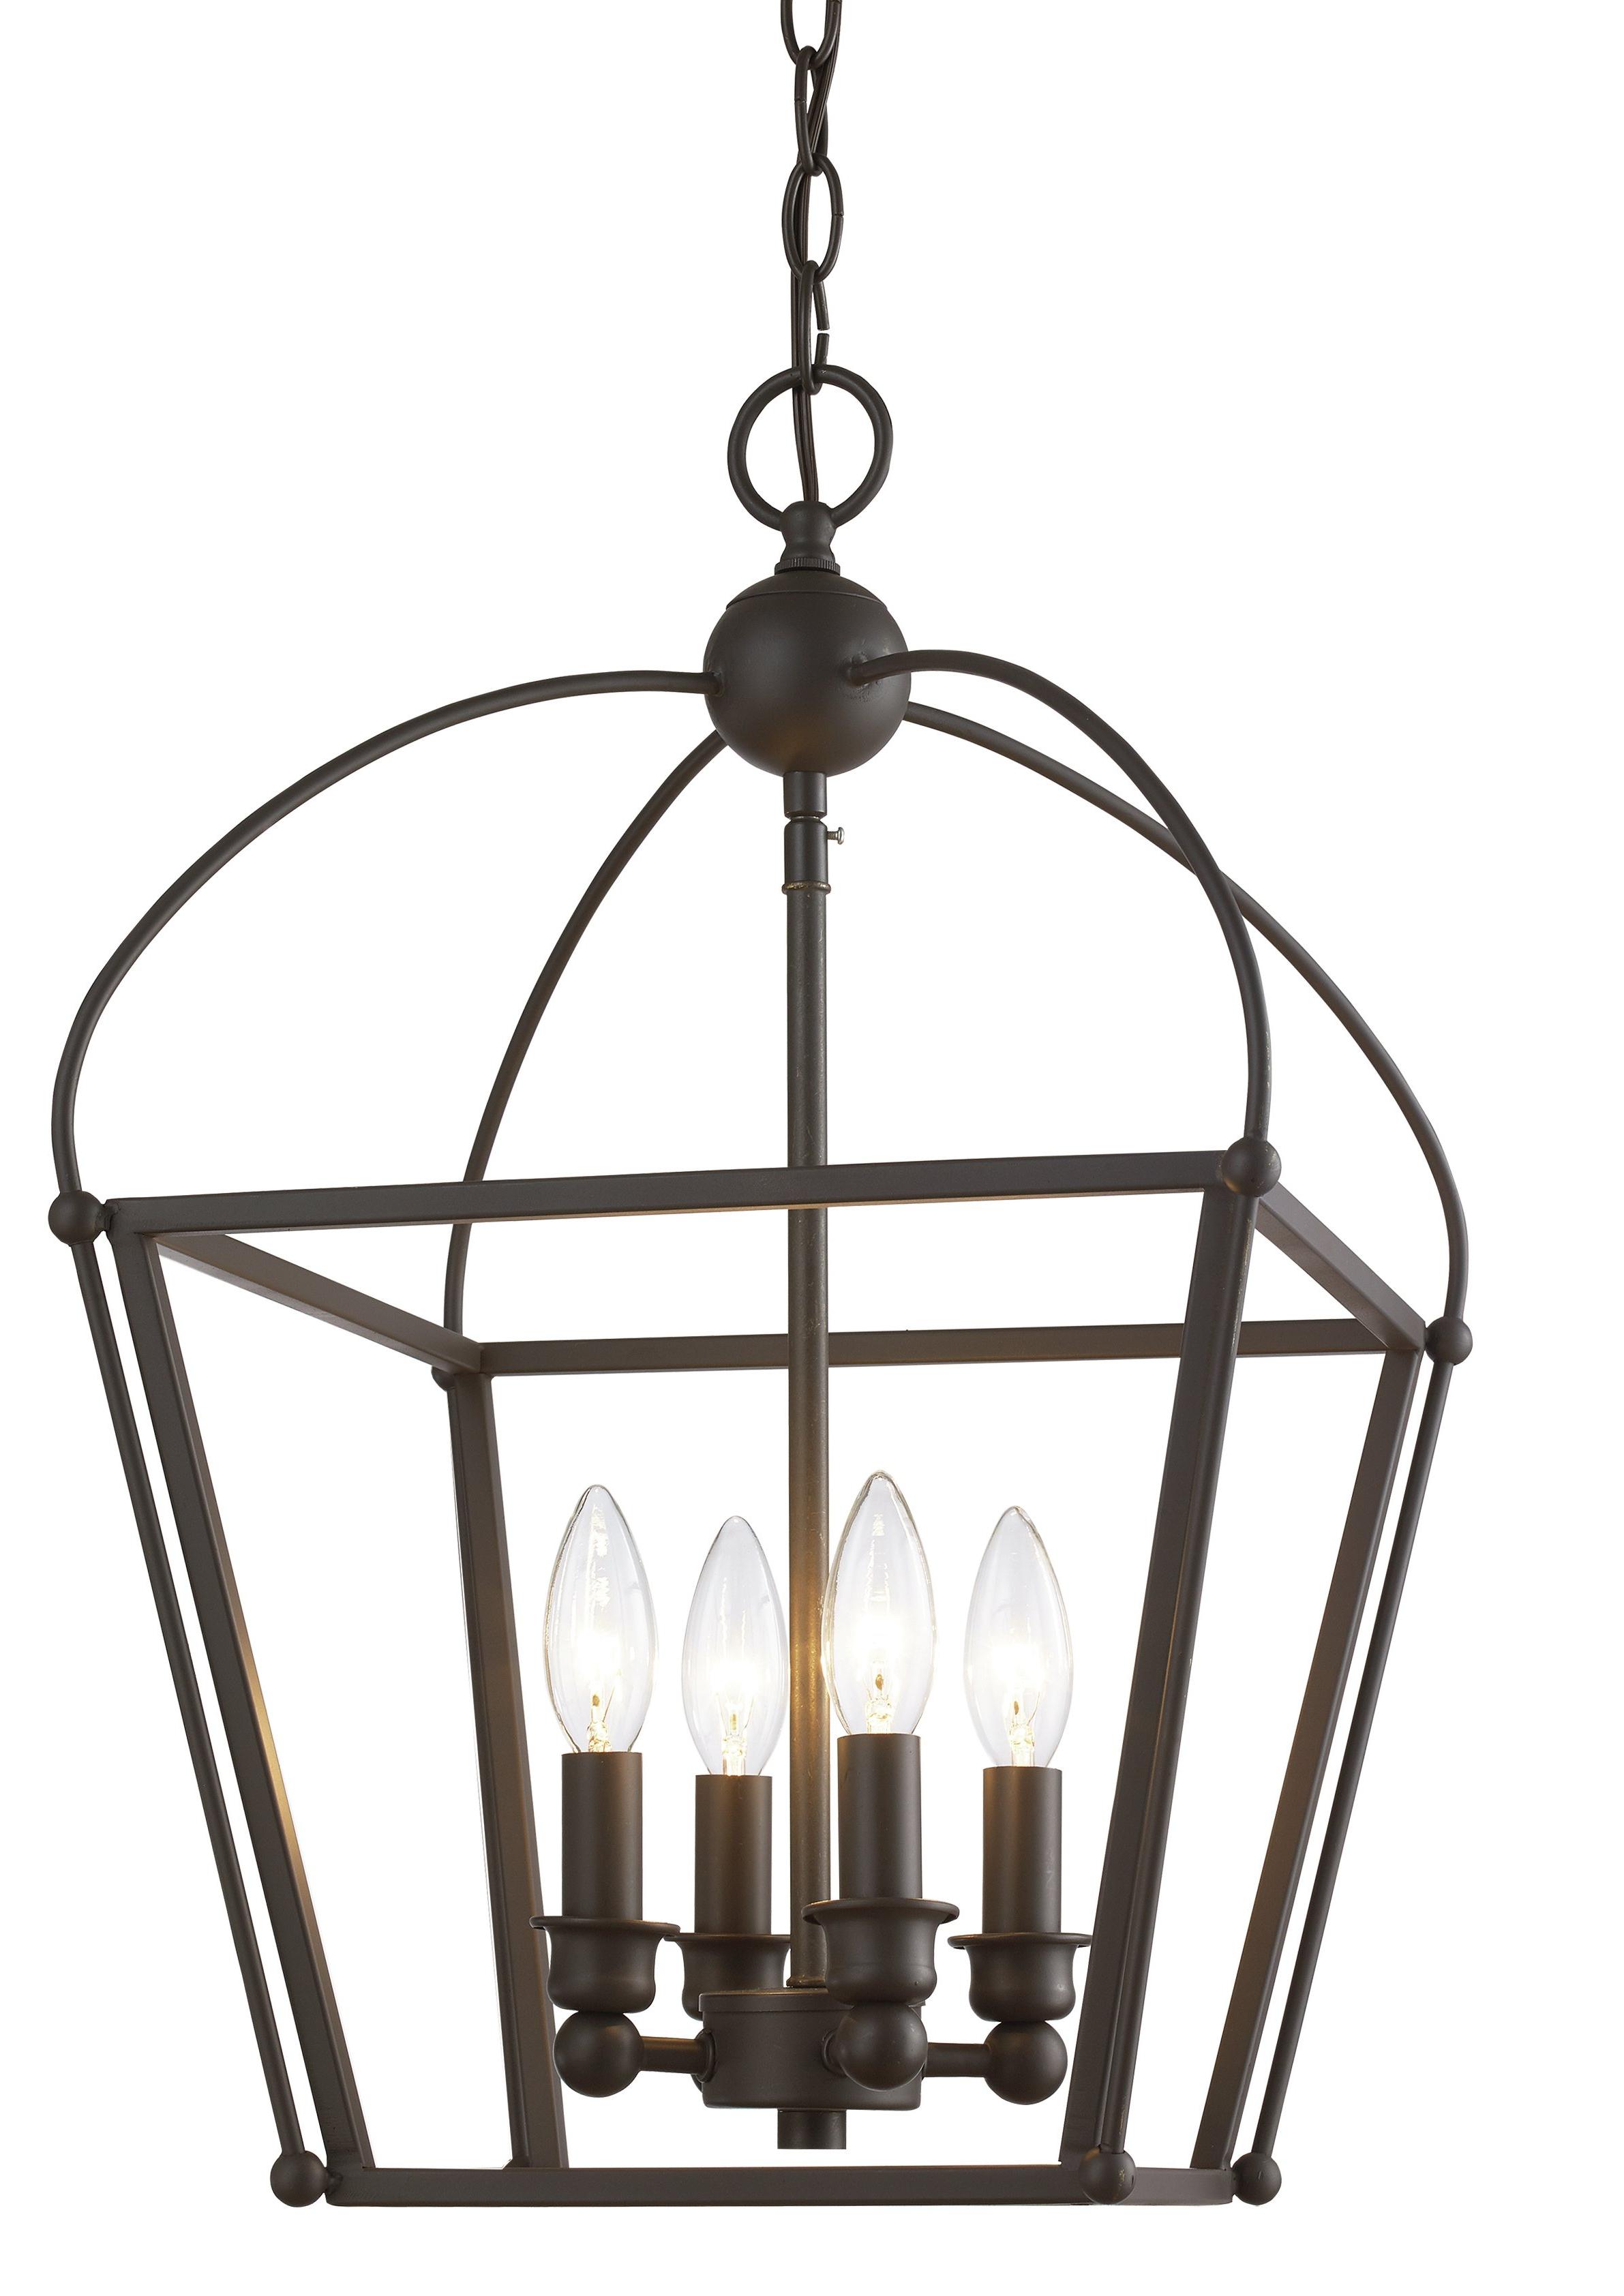 Gladding 4 Light Foyer Lantern Pendant Intended For Popular Varnum 4 Light Lantern Pendants (View 10 of 25)